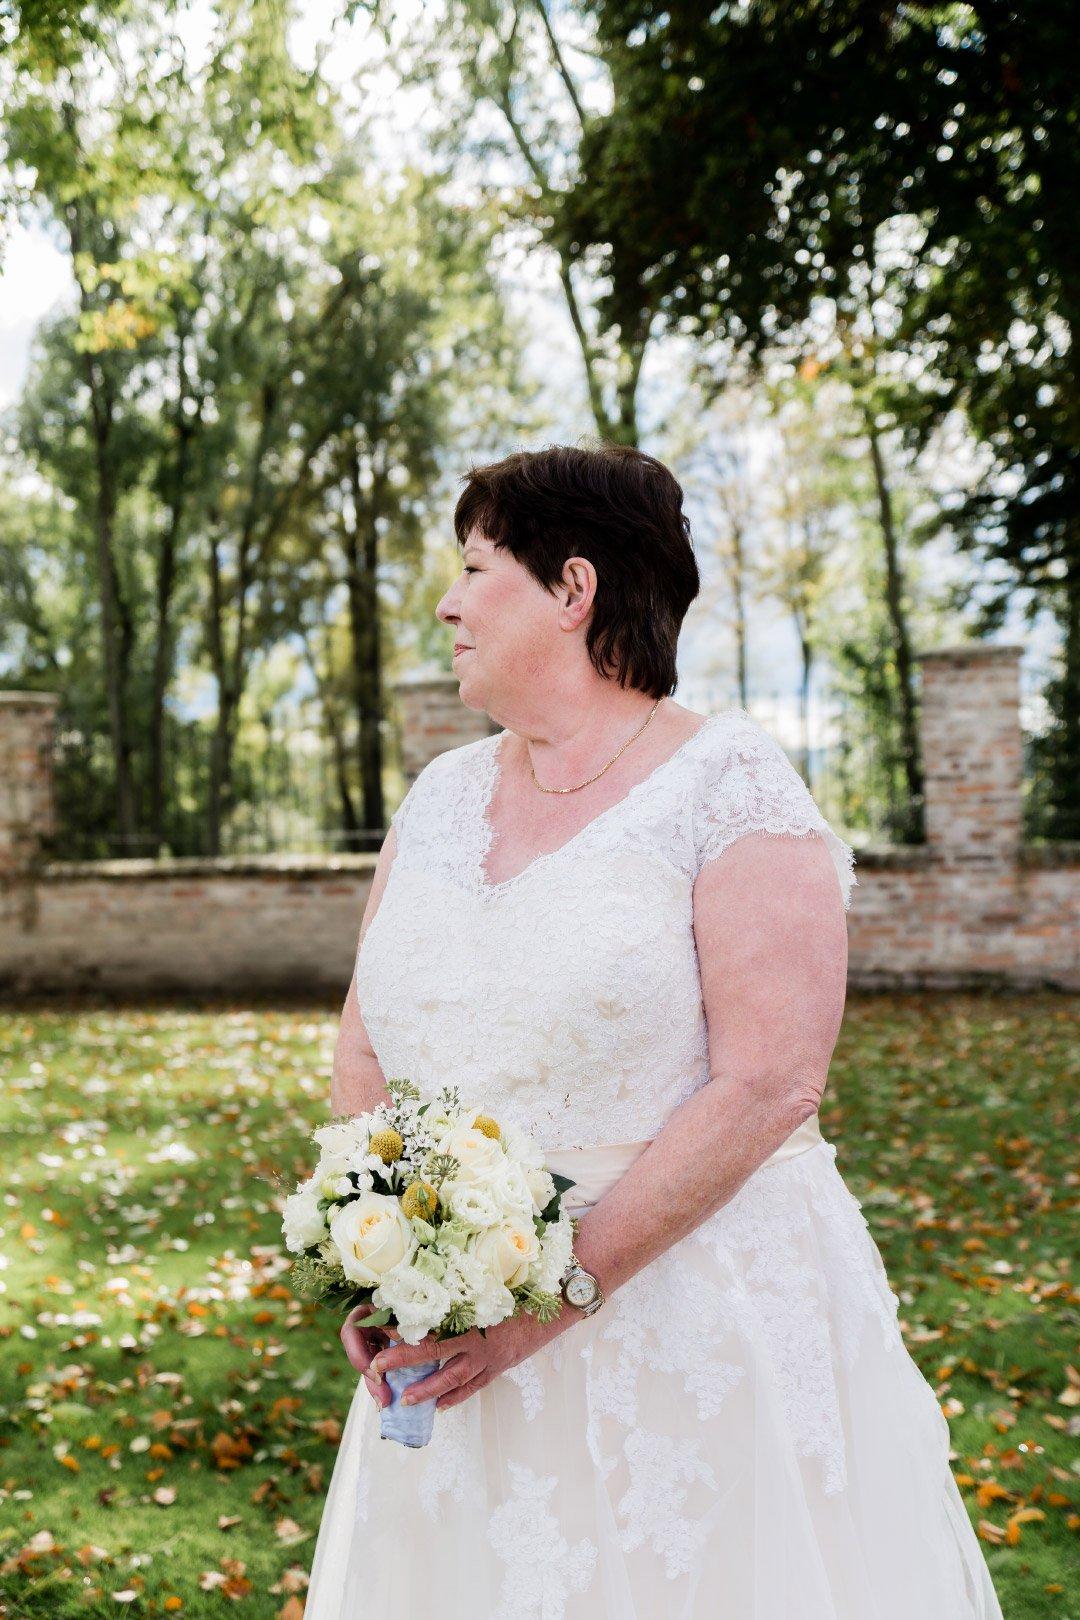 Braut hält Brautstrauß mit weißen Rosen